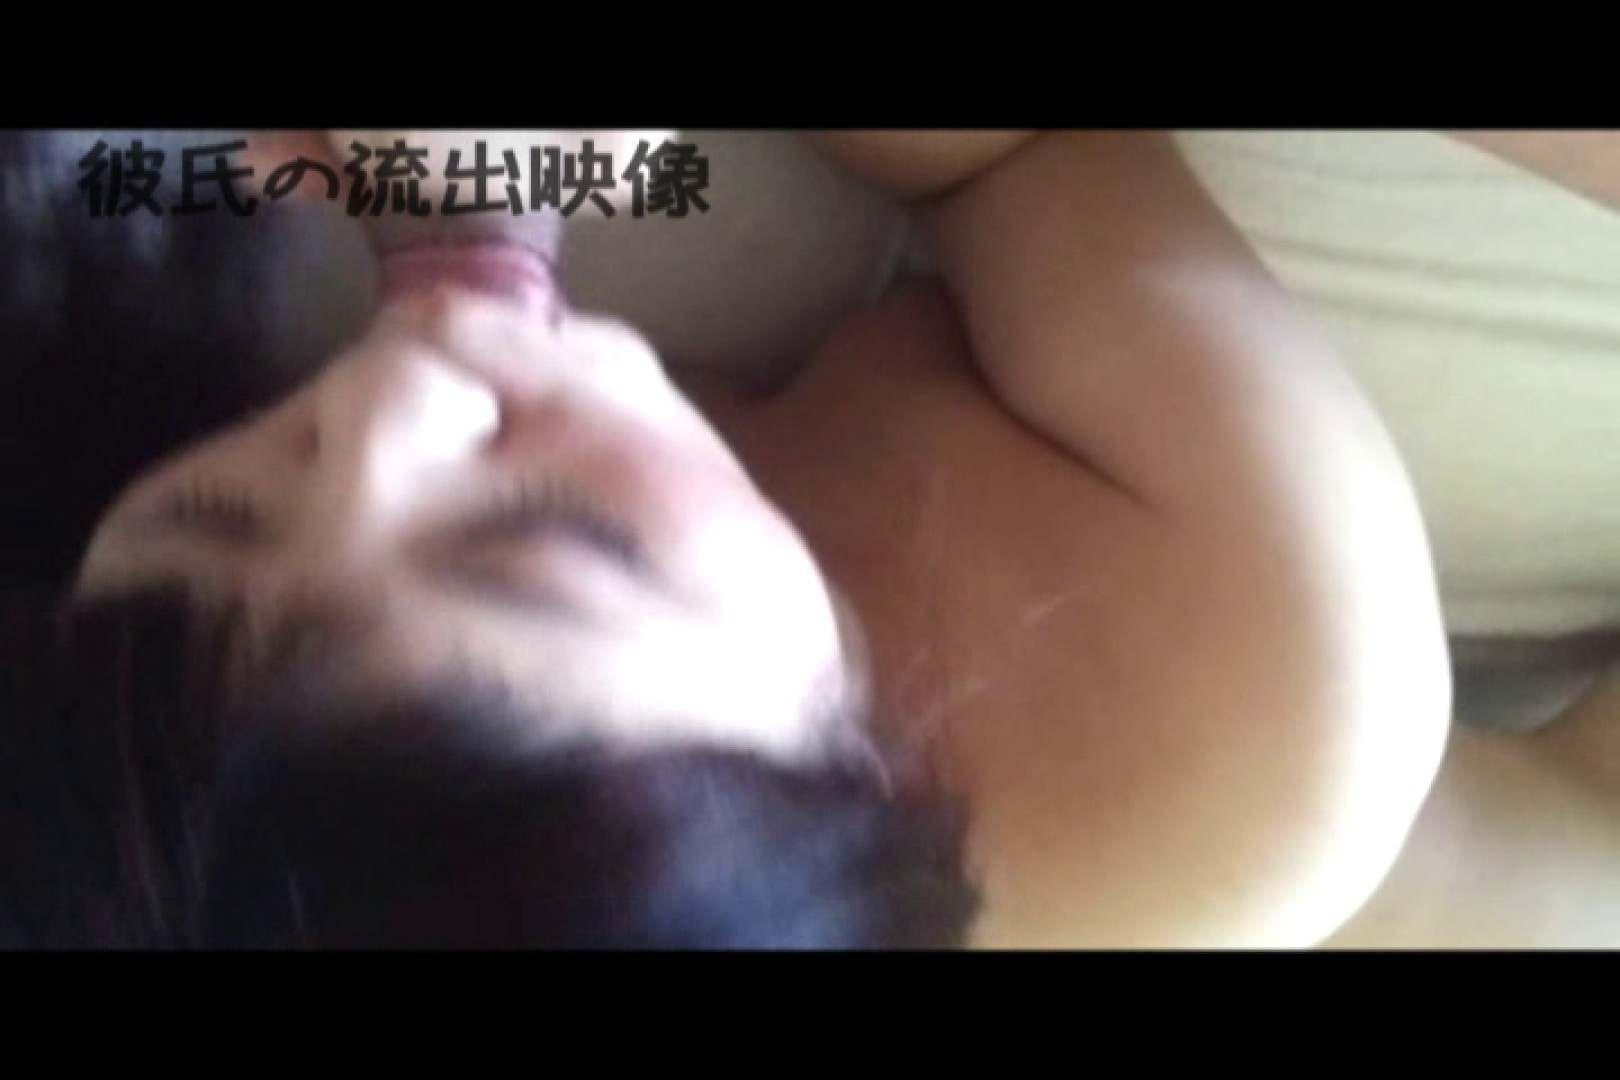 彼氏が流出 パイパン素人嬢のハメ撮り映像03 カップル AV無料 81pic 79